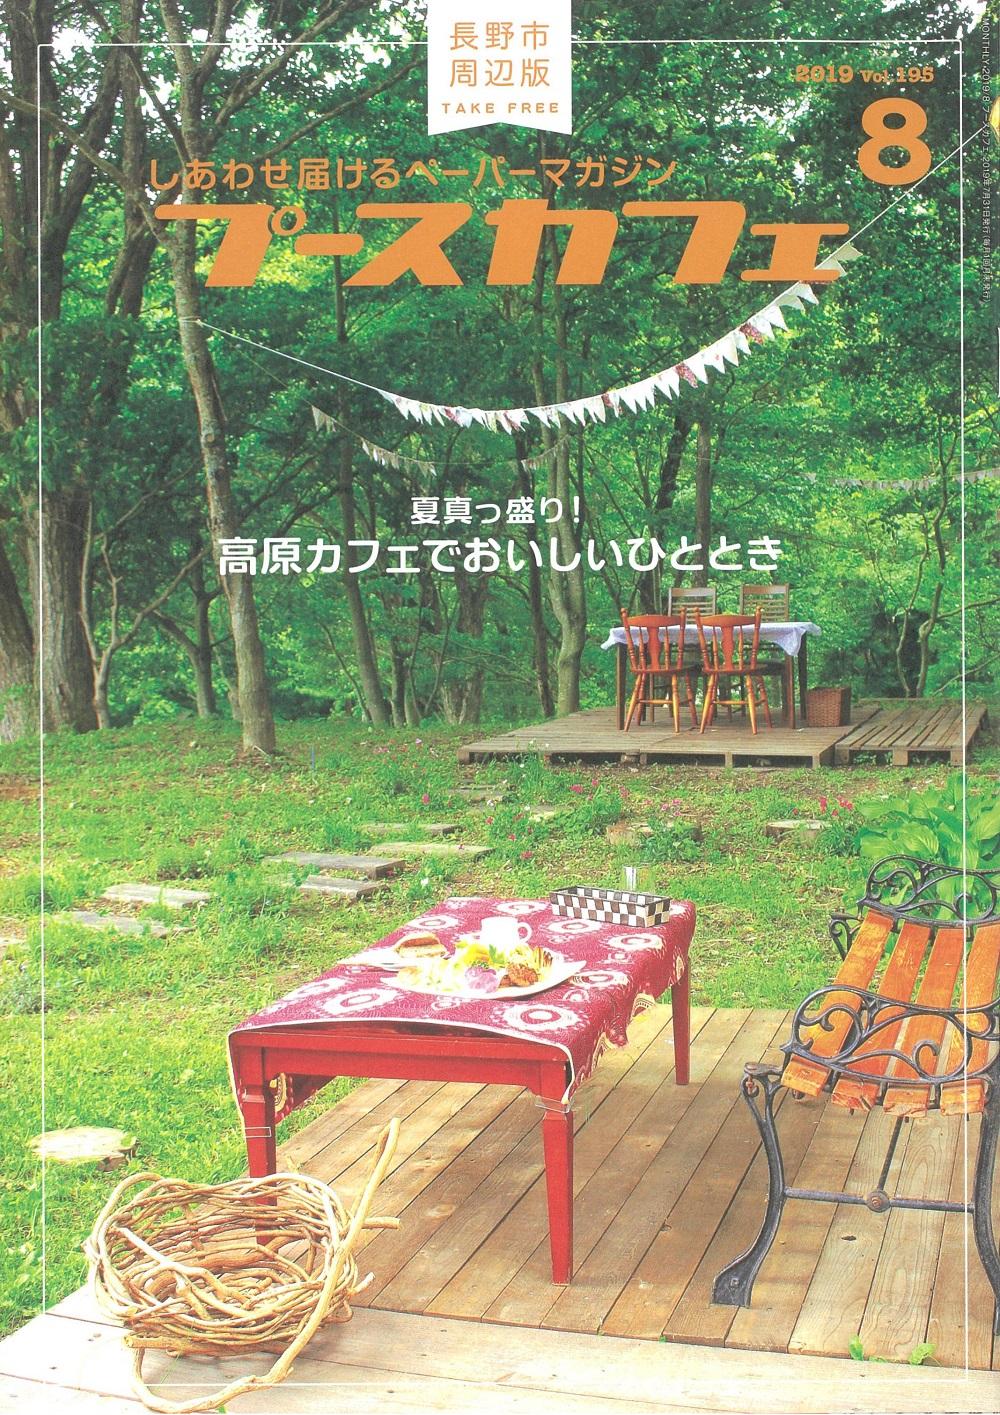 20190727_プースカフェ8月号_COVER.jpg